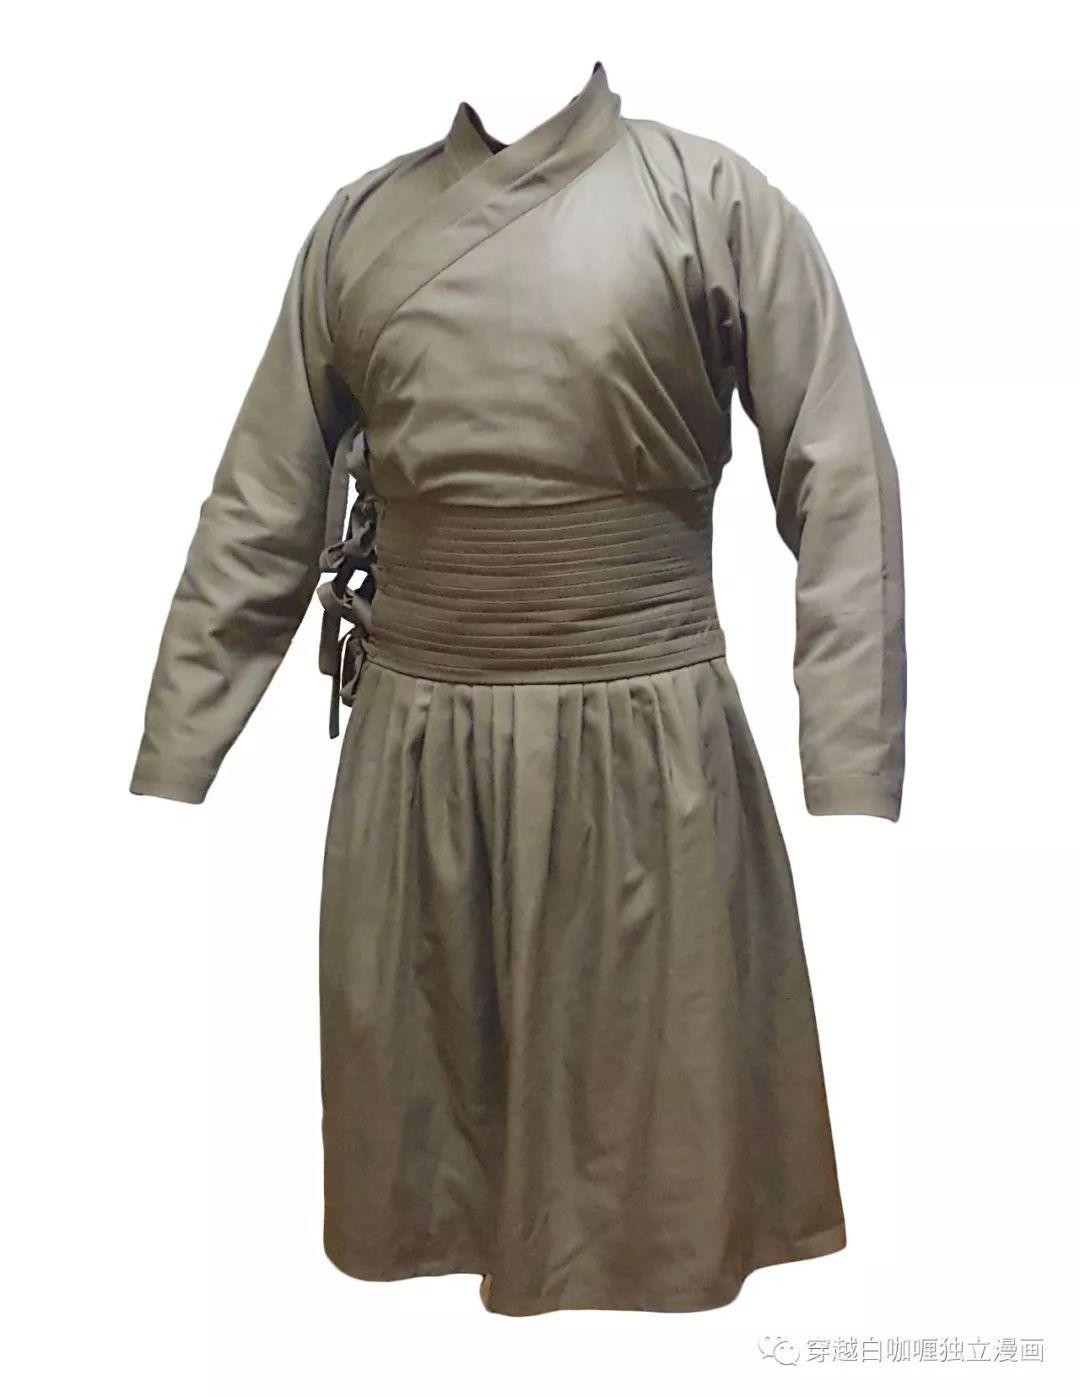 【蒙古文化】什么是蒙古袍? ᠳᠡᠪᠡᠯᠤᠨ ᠲᠤᠬᠠᠢ 第4张 【蒙古文化】什么是蒙古袍? ᠳᠡᠪᠡᠯᠤᠨ ᠲᠤᠬᠠᠢ 蒙古服饰